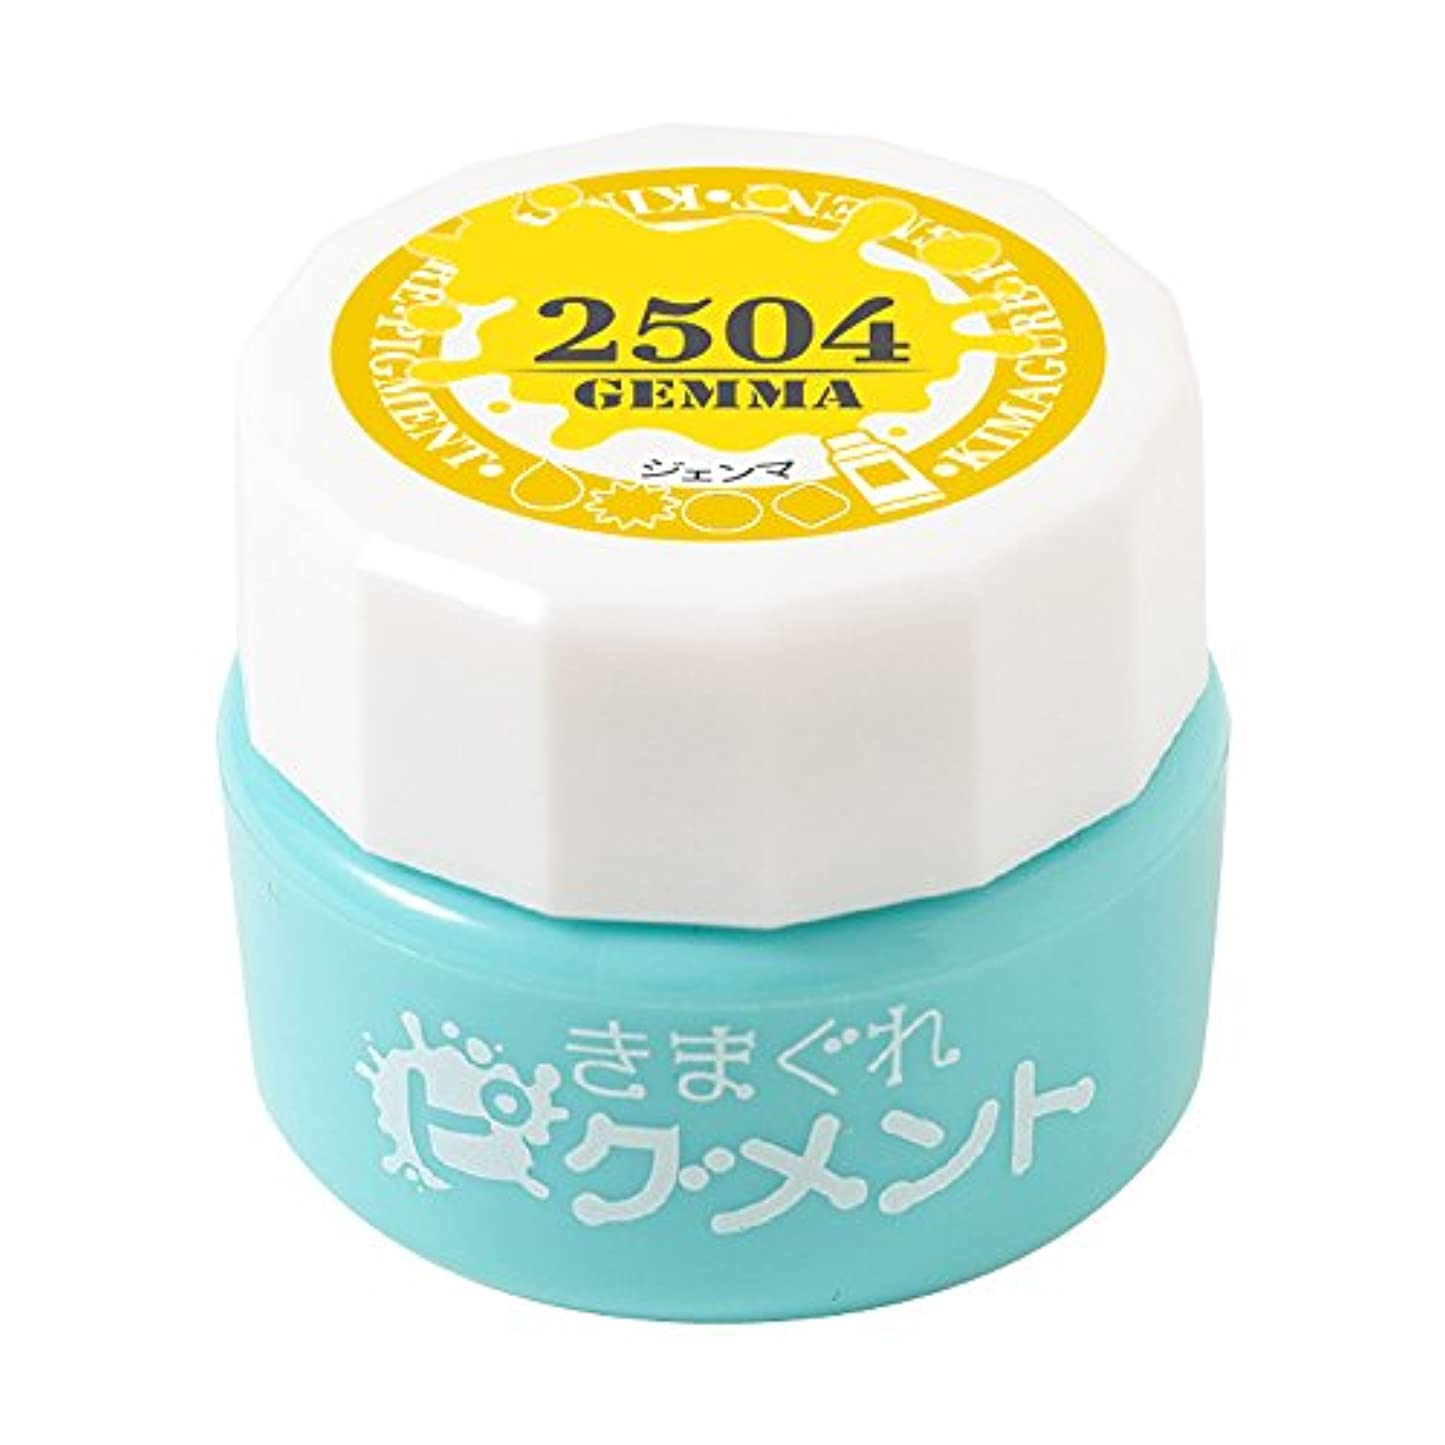 Bettygel きまぐれピグメント ジェンマ QYJ-2504 4g UV/LED対応